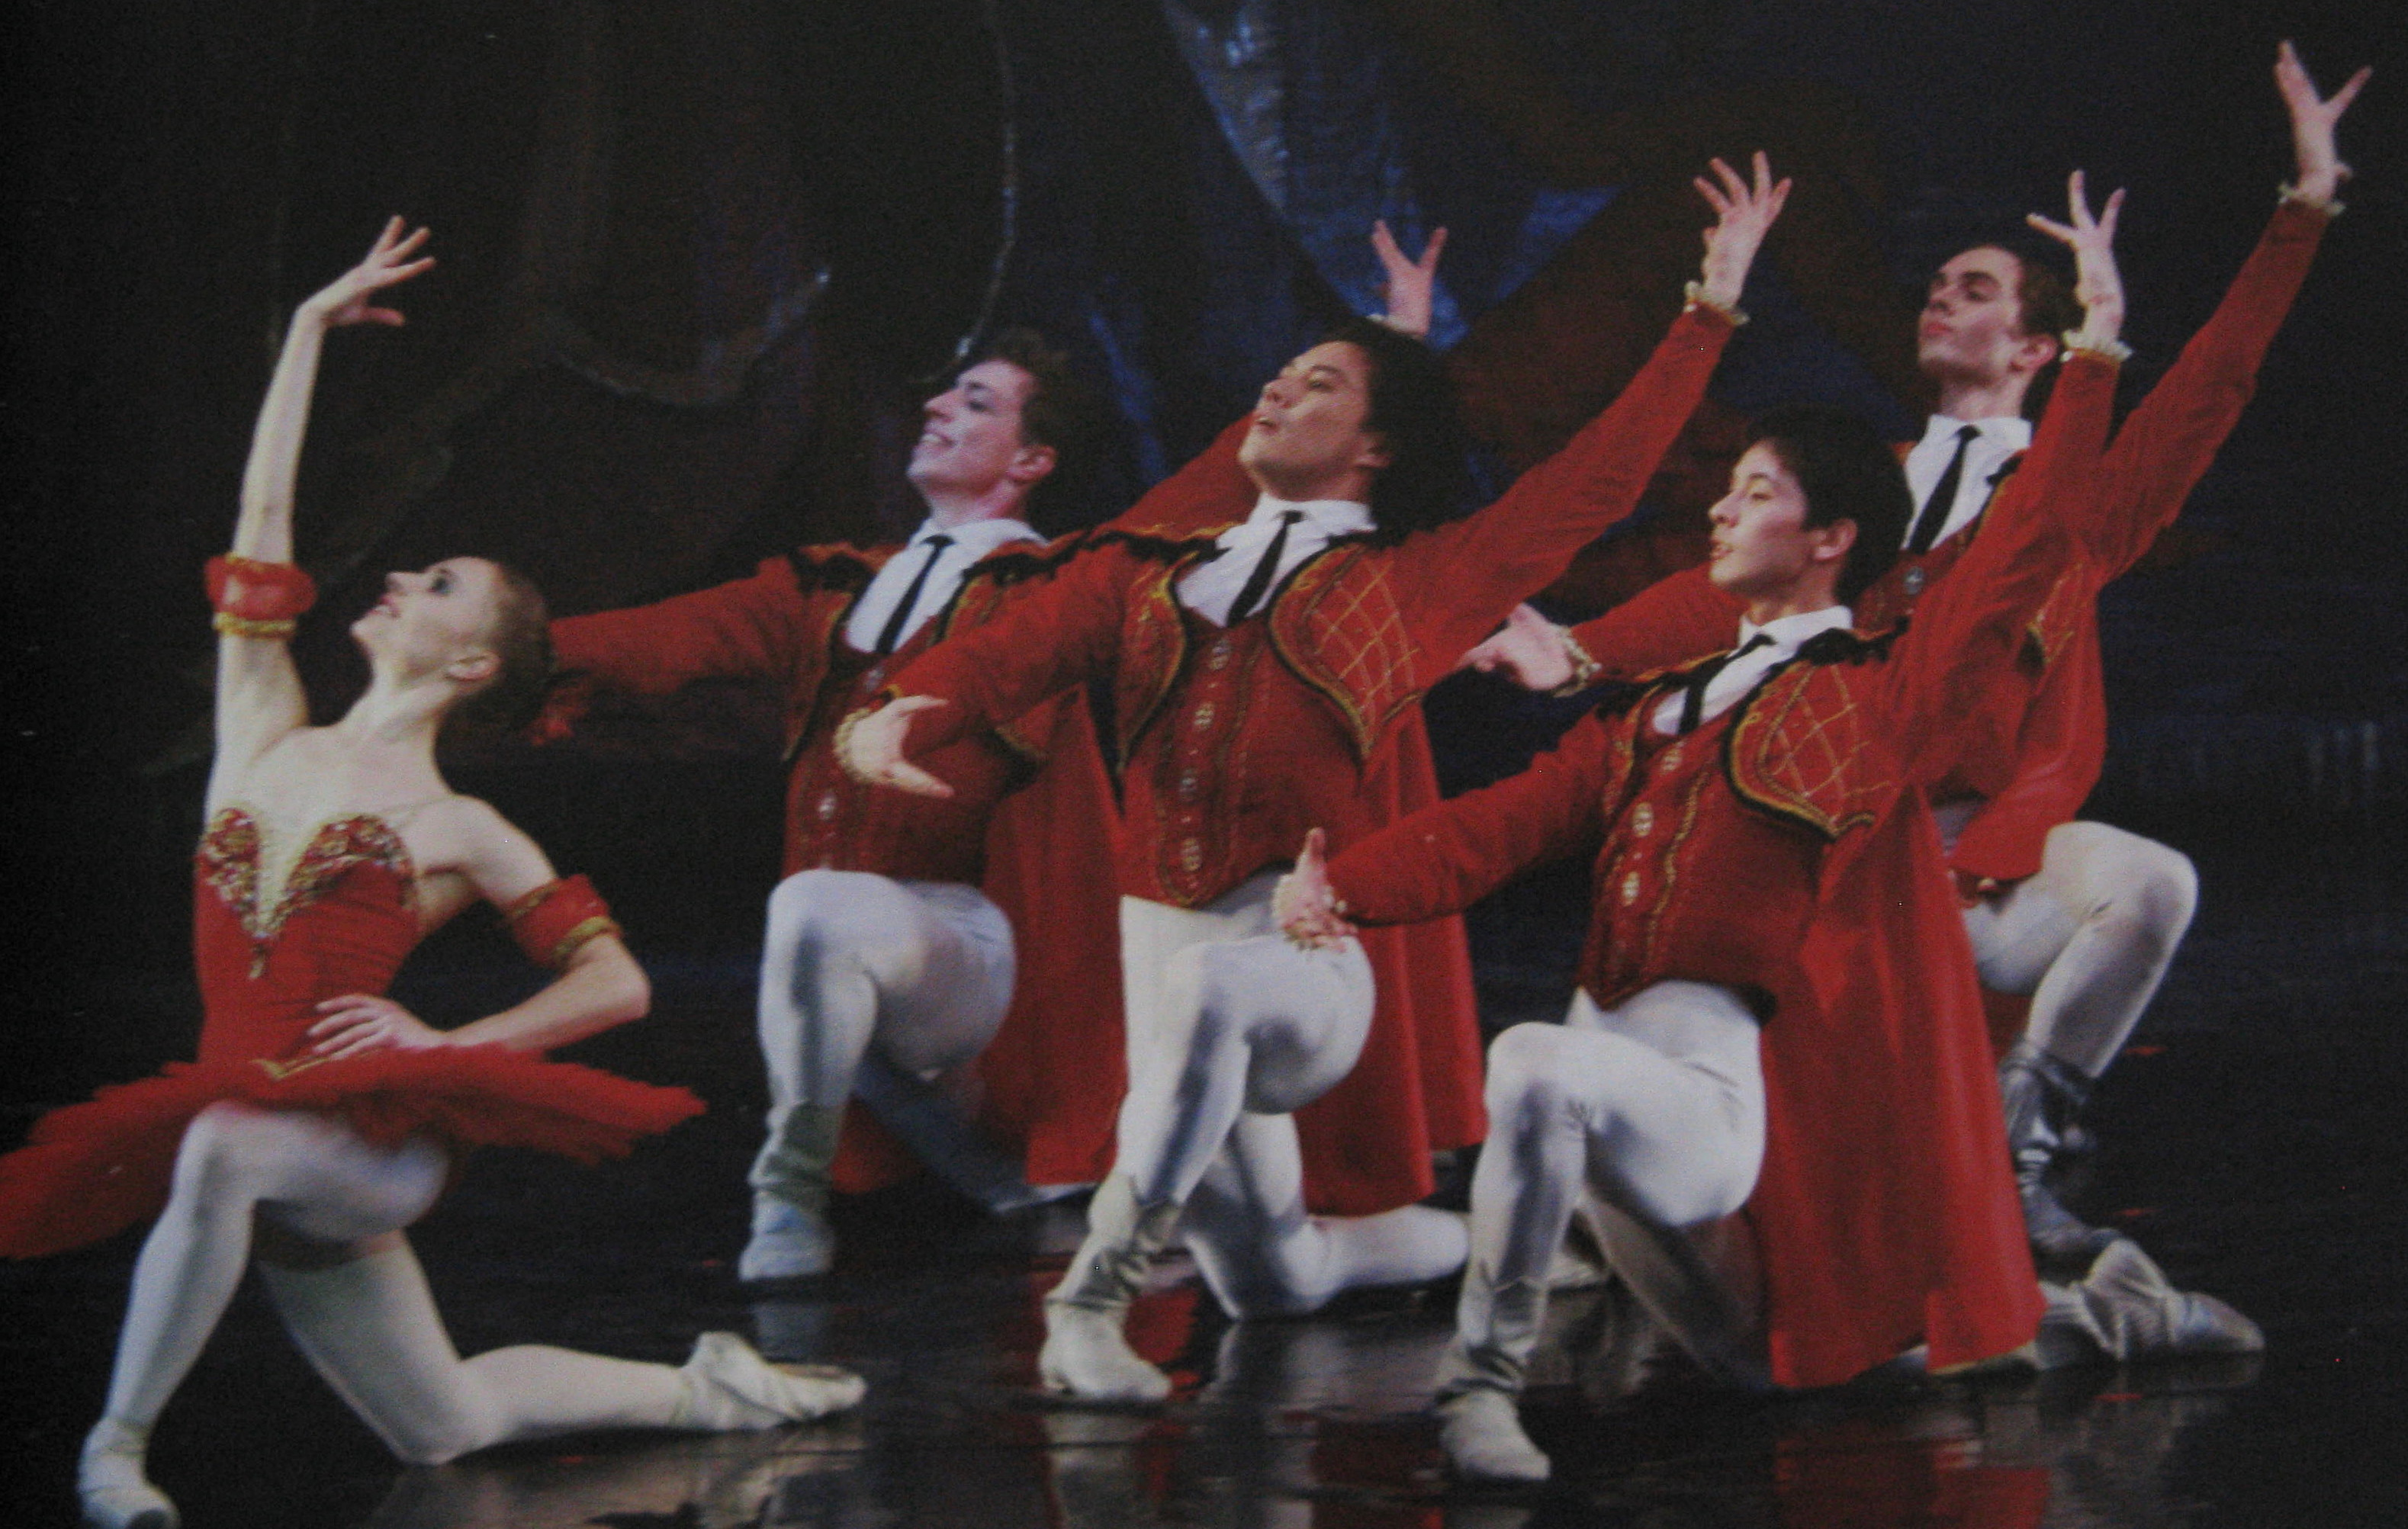 the male corps de ballet